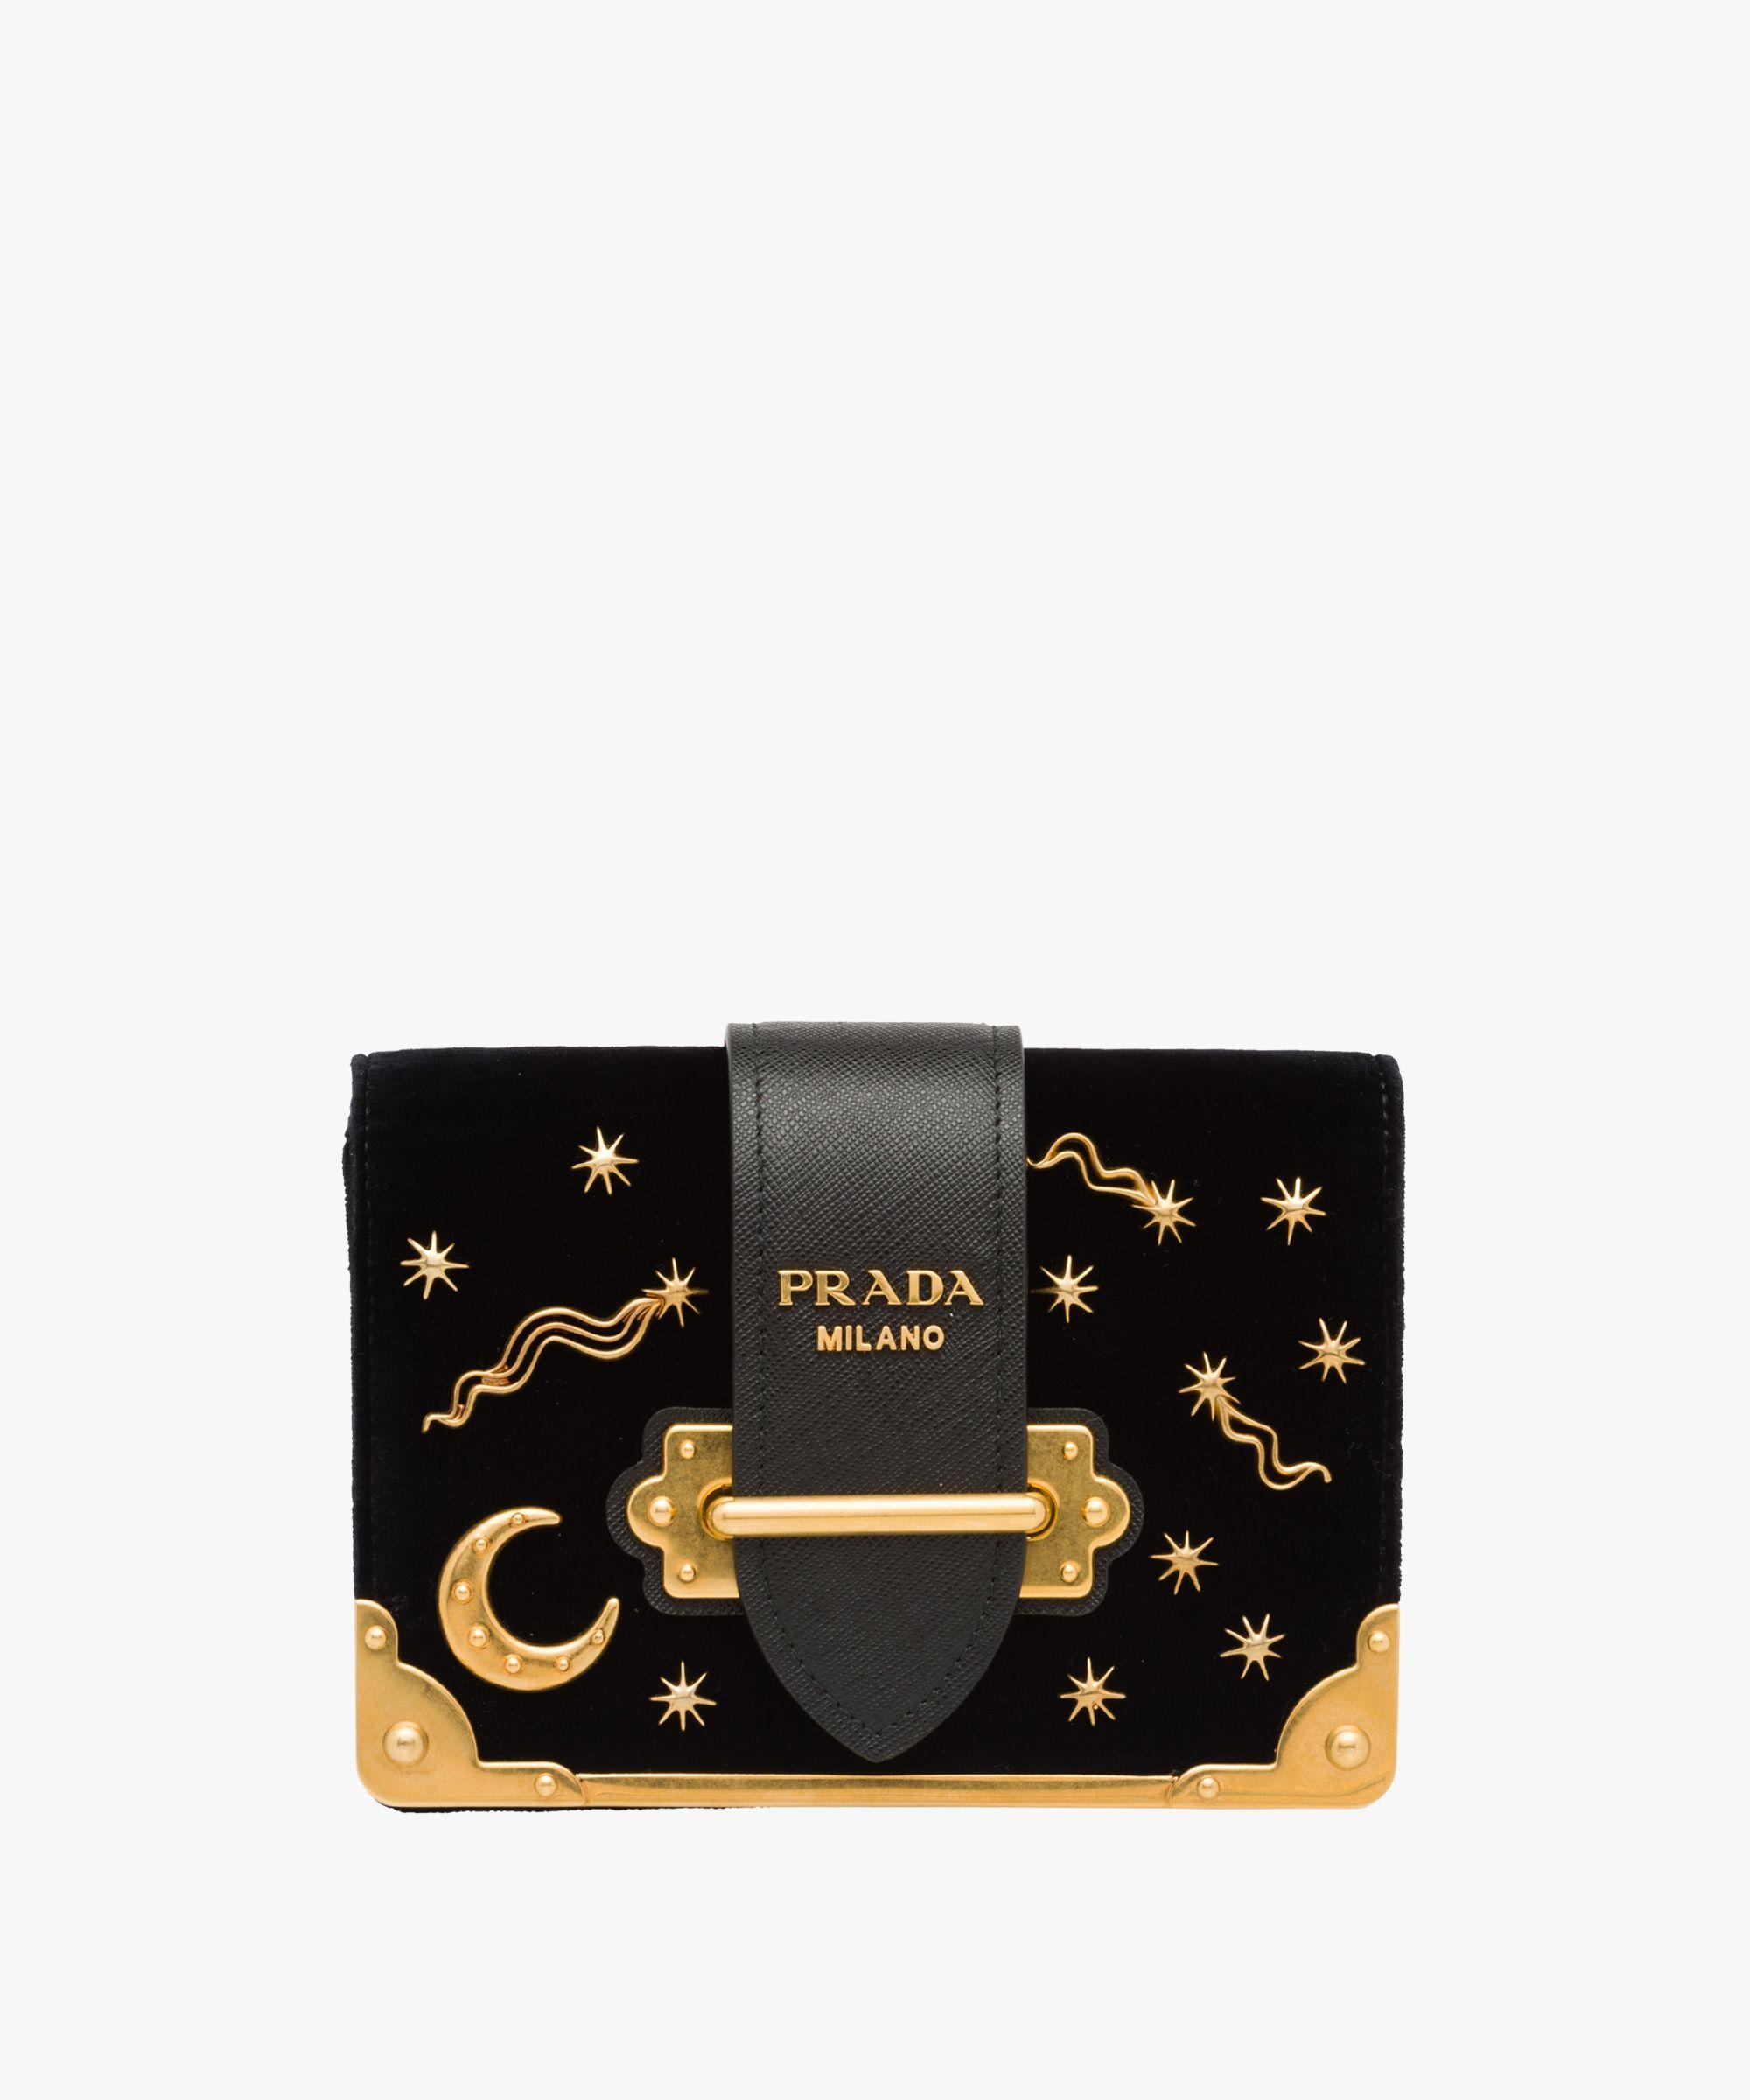 9f32d73b570d Nylon shoulder bag | Style inspirations | Bags, Leather shoulder bag ...